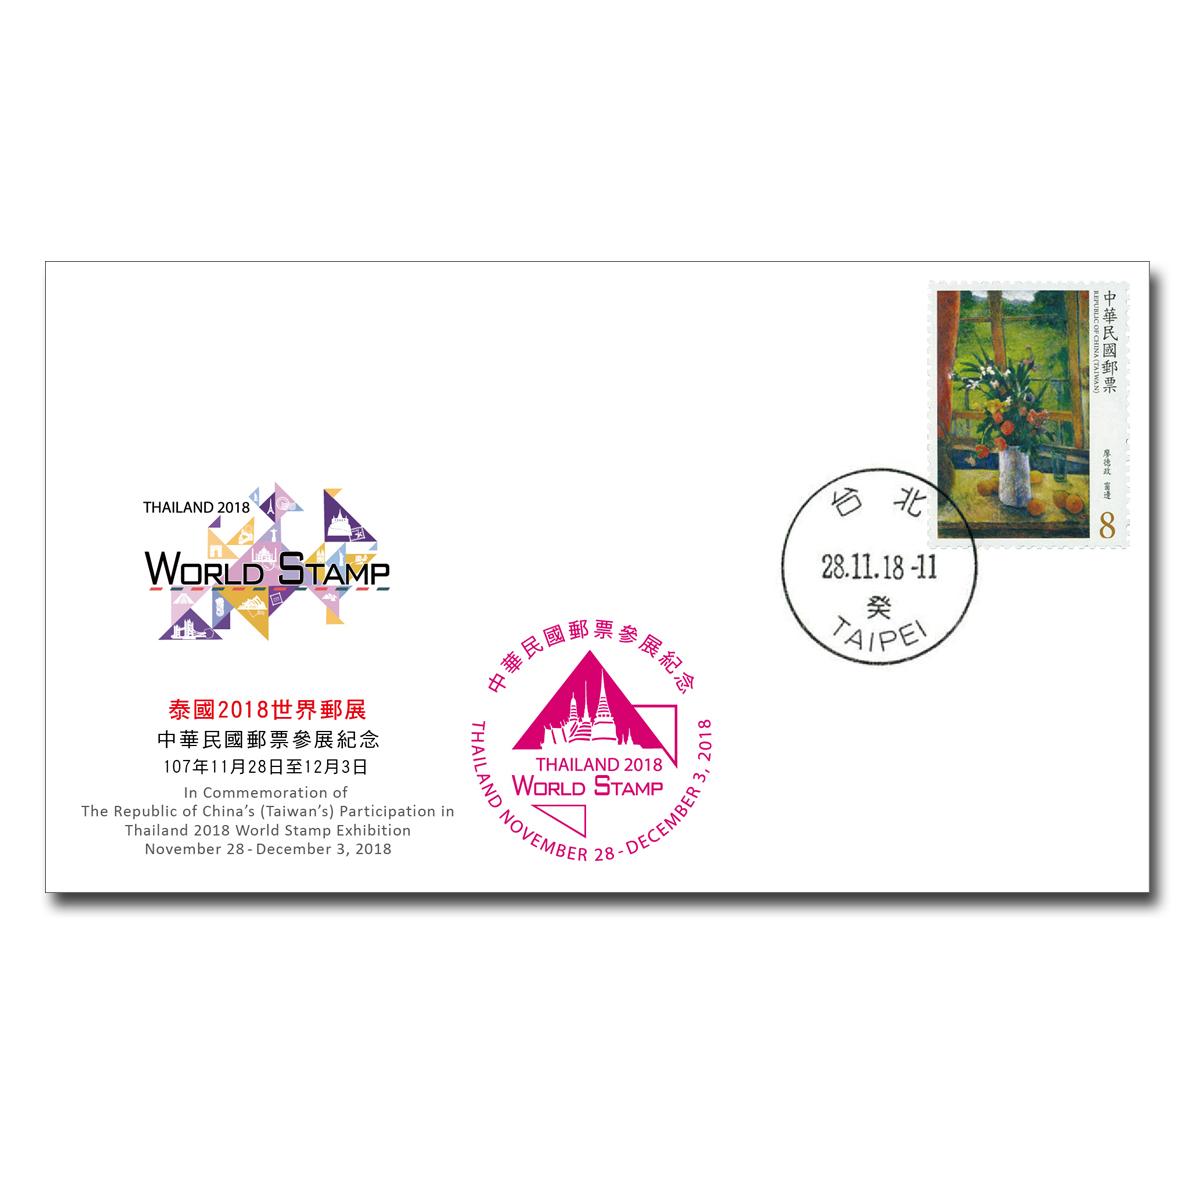 泰國2018世界郵展中華民國郵票參展紀念信封貼票封